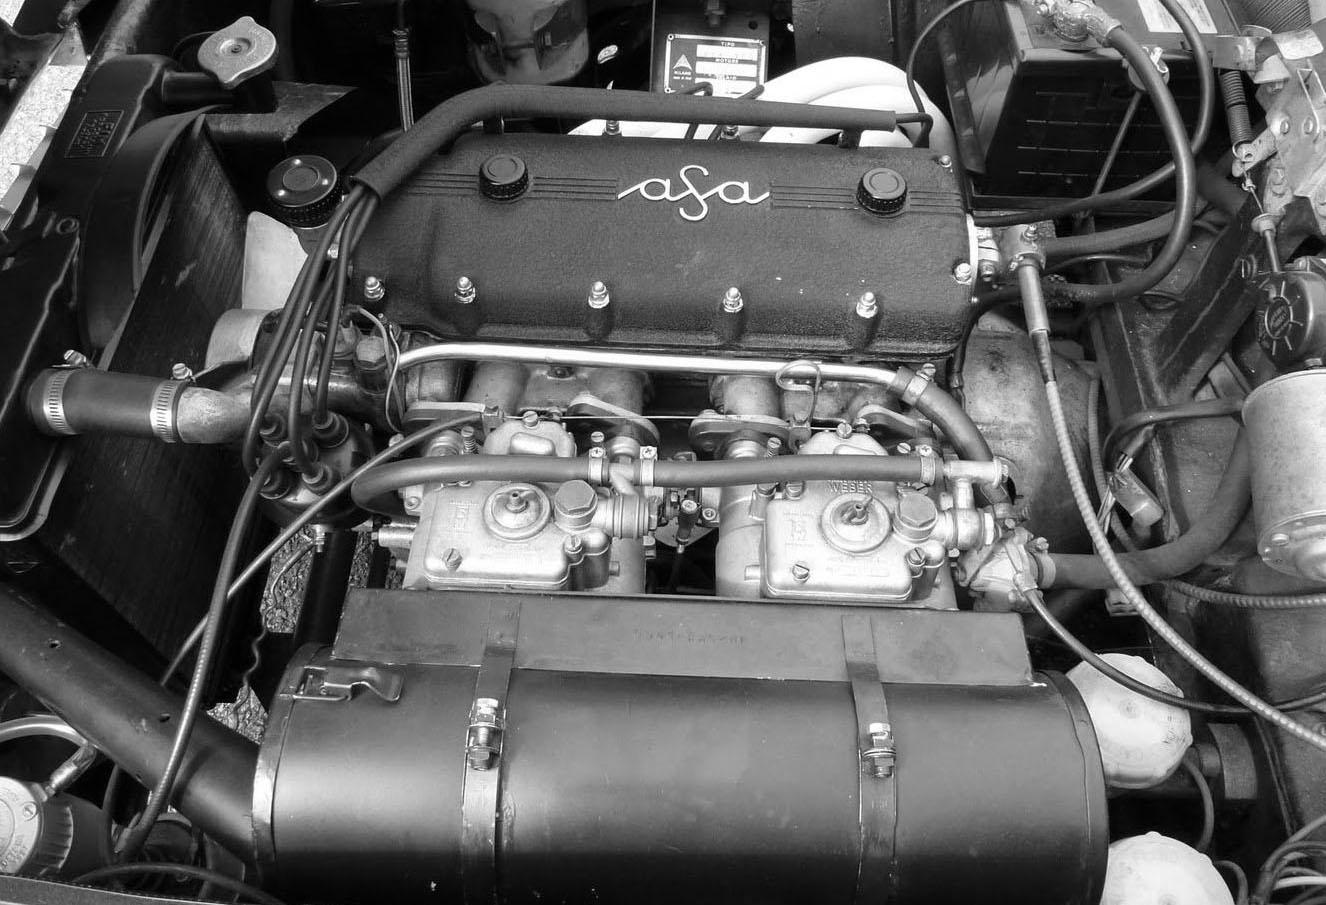 Ingenting fick skvallra om att det här var en förklädd Ferrarimotor.